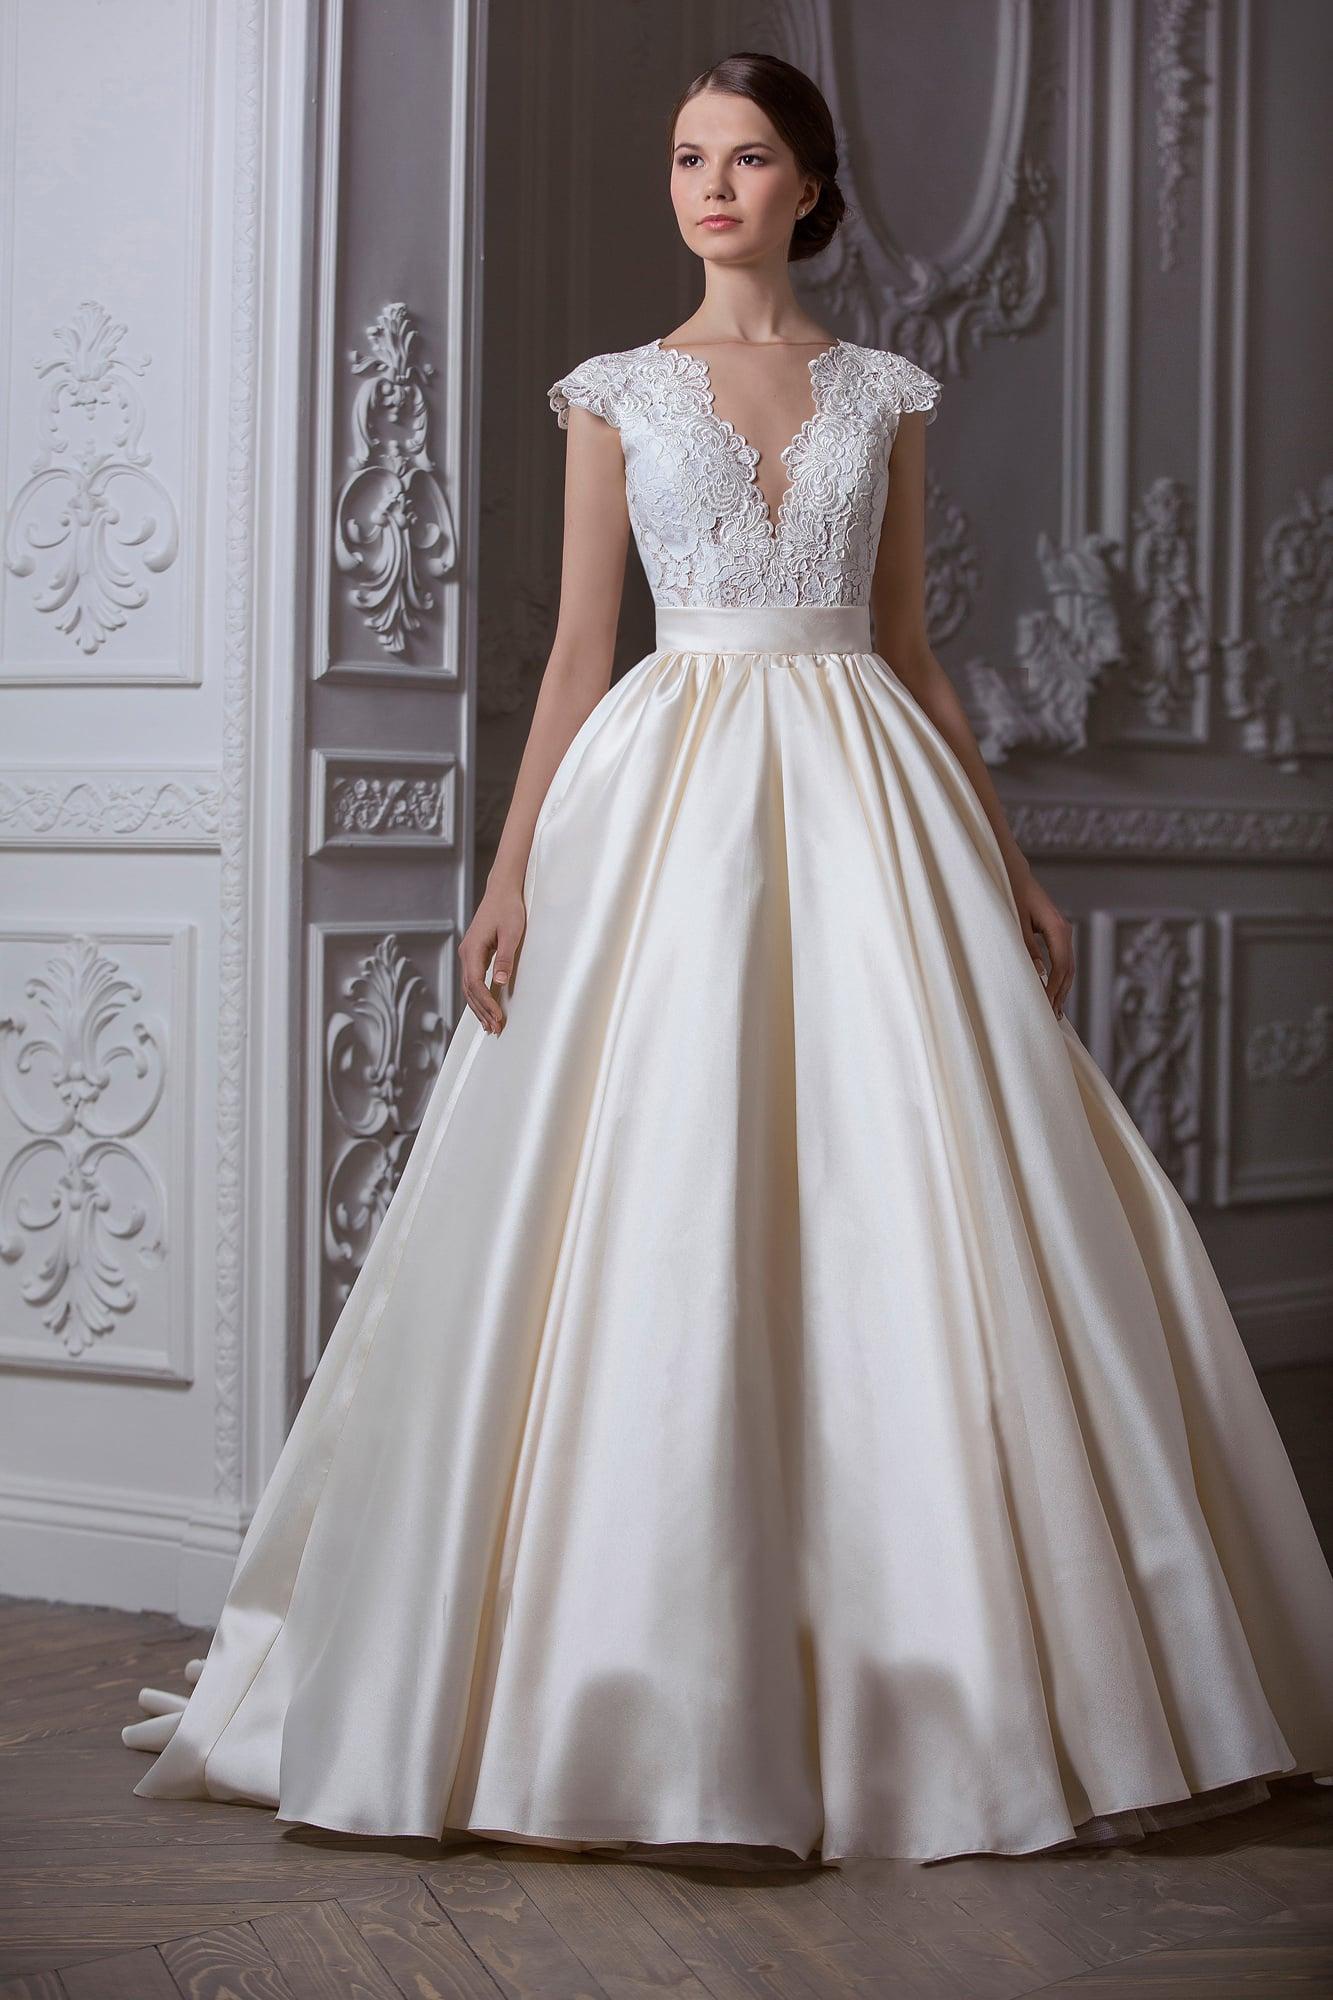 eae28636b99 Великолепное свадебное платье с глубоким V-образным вырезом и пышной  атласной юбкой.